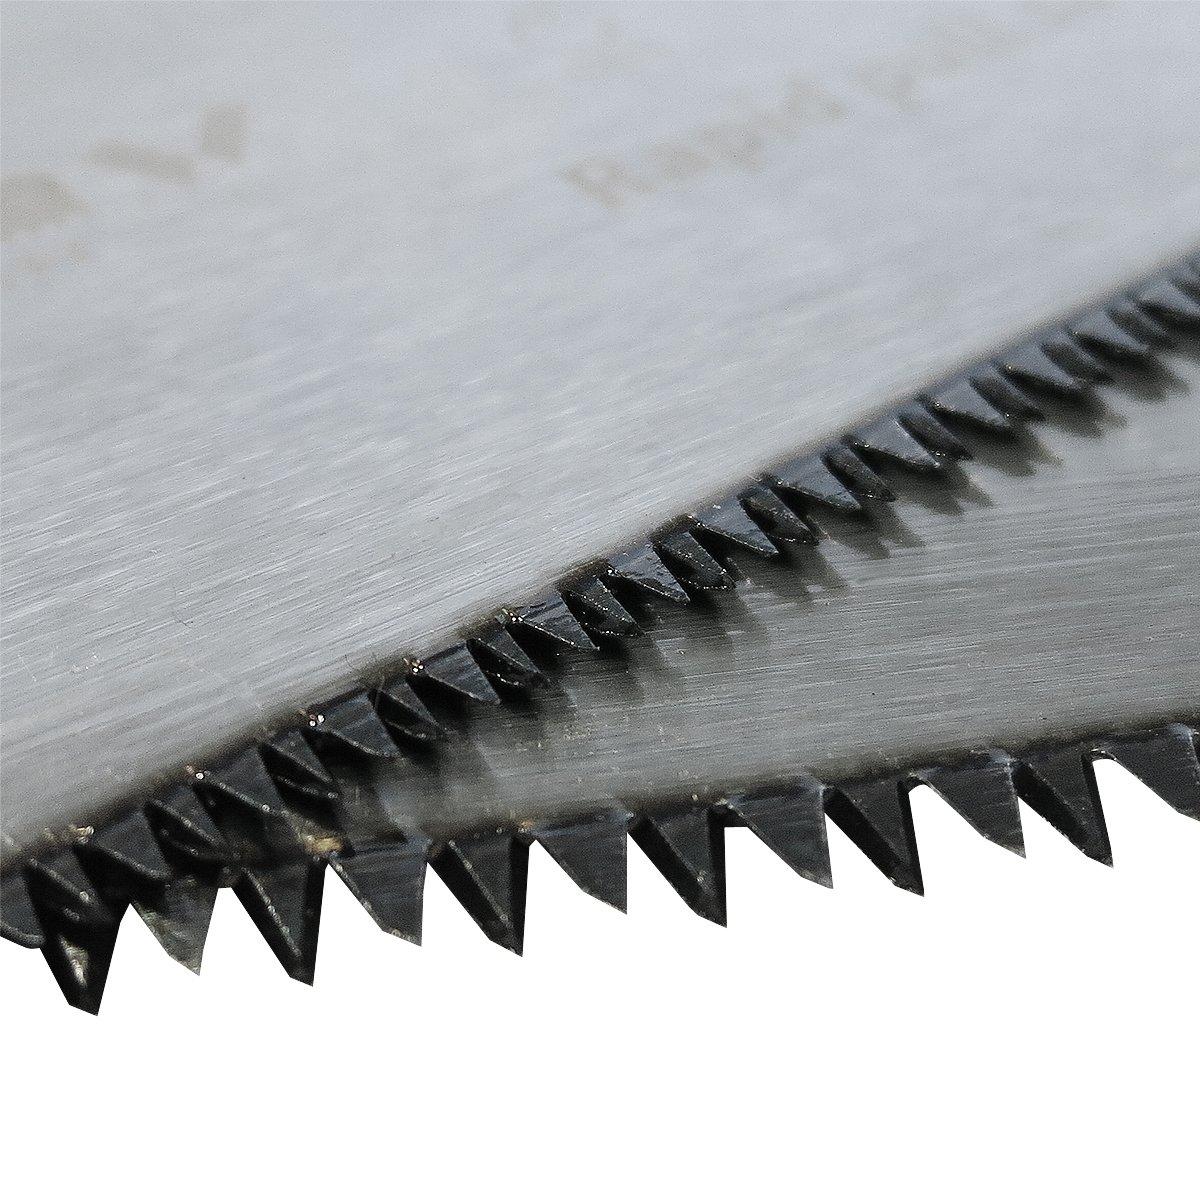 8 dientes y Corte fino Serrucho japones de Jard/ín con 2 Hojas: Corte Grueso GR/ÜNTEK Sierra de Podar a mano Piranha 13 dientes